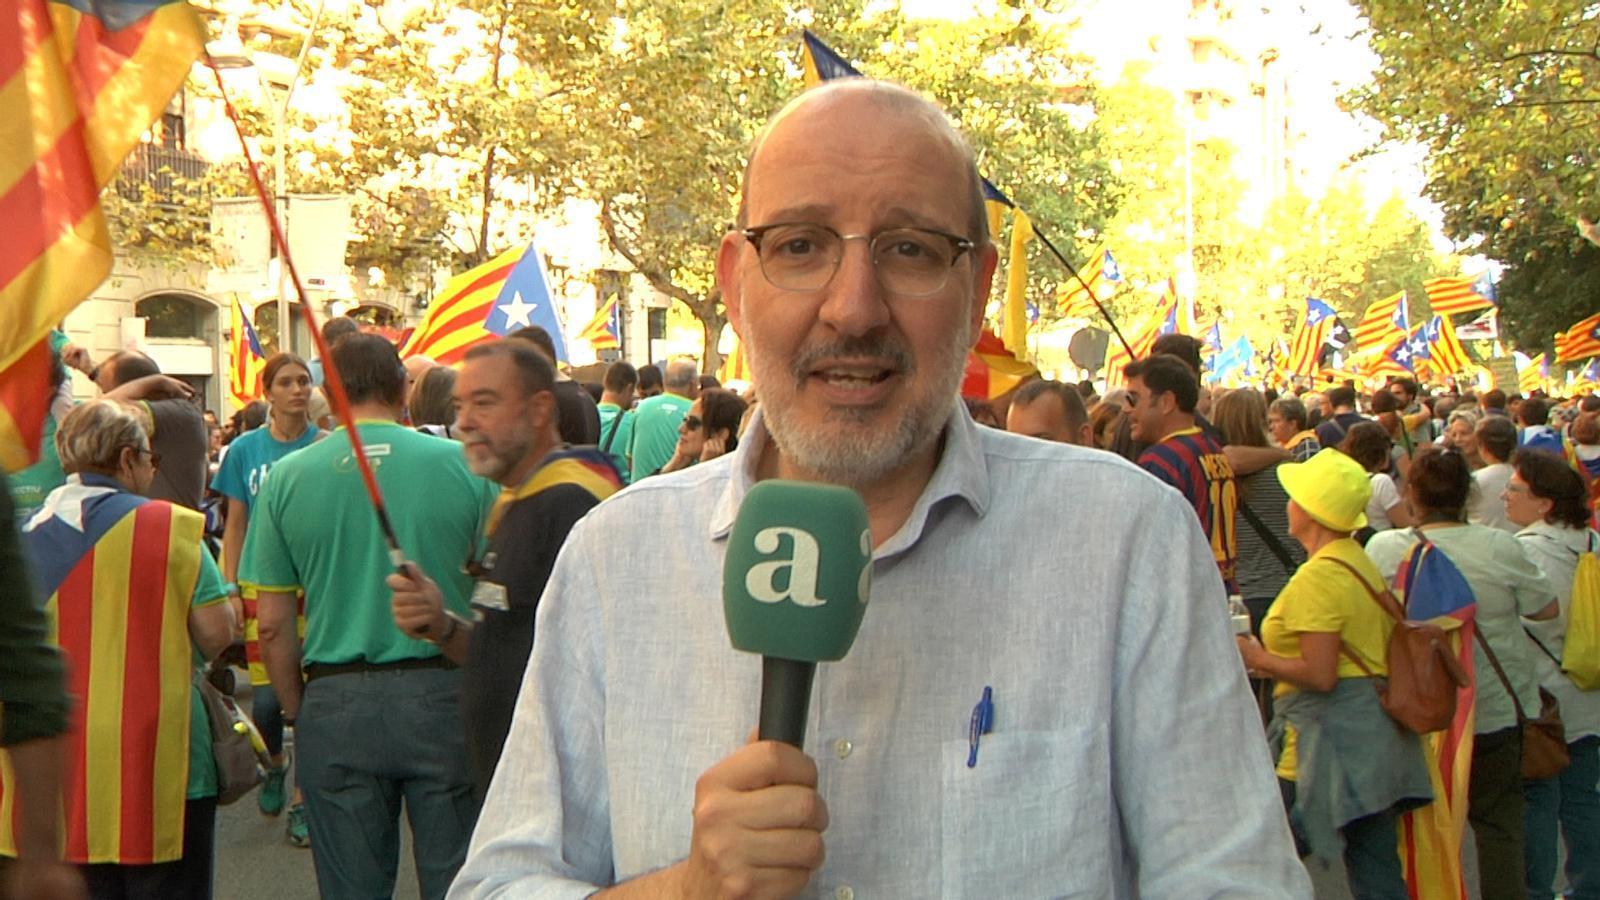 L'anàlisi d'Antoni Bassas: 'Per si hi havia algun dubte'